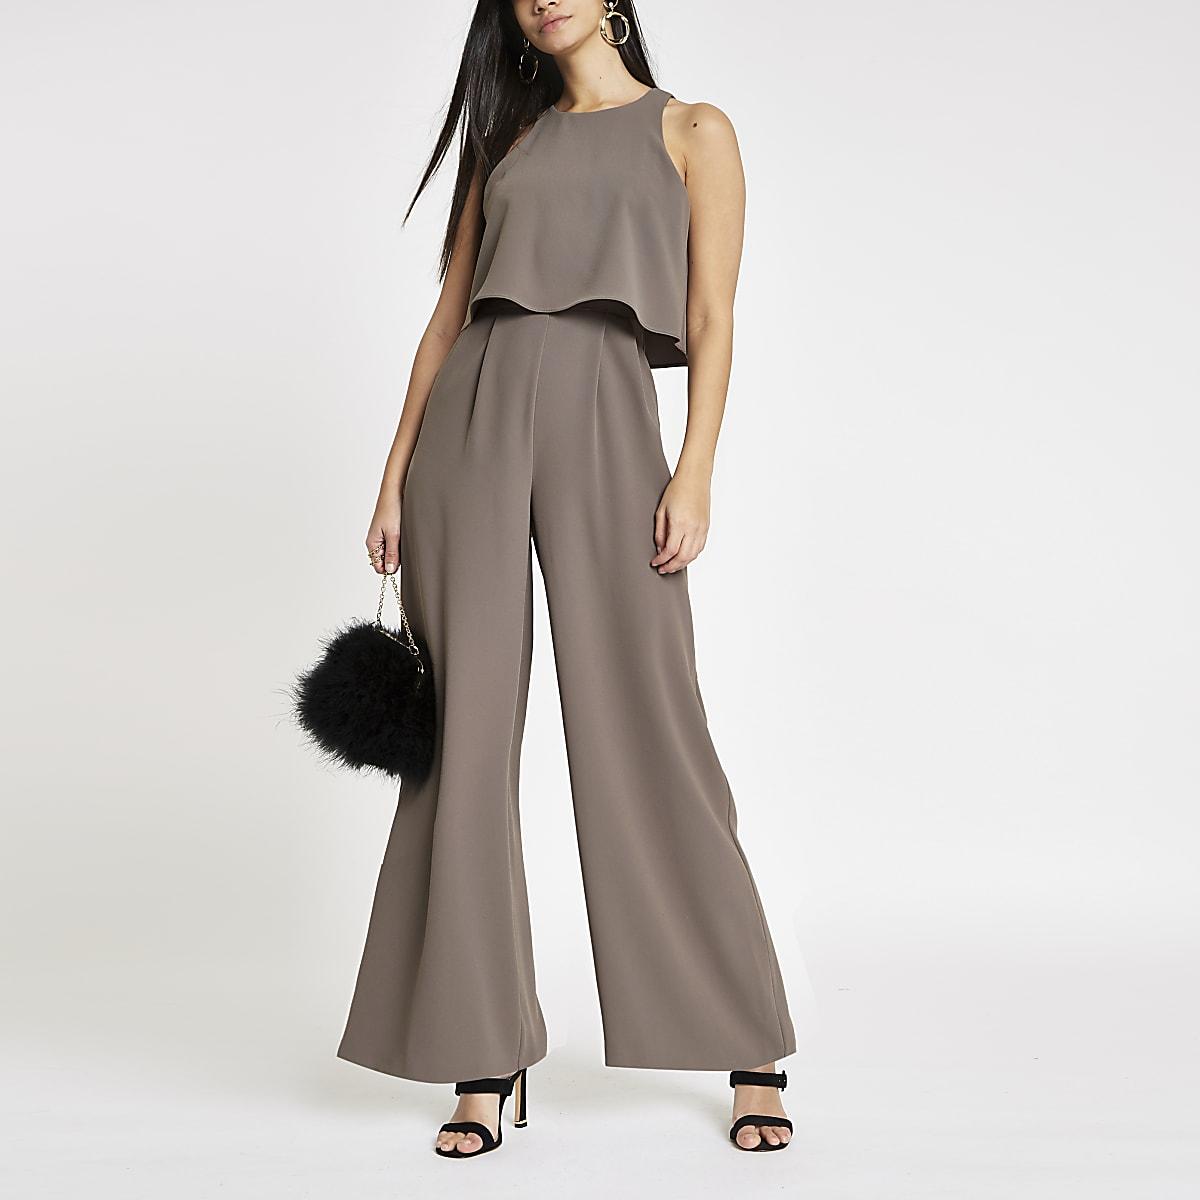 Dark grey wide leg jumpsuit